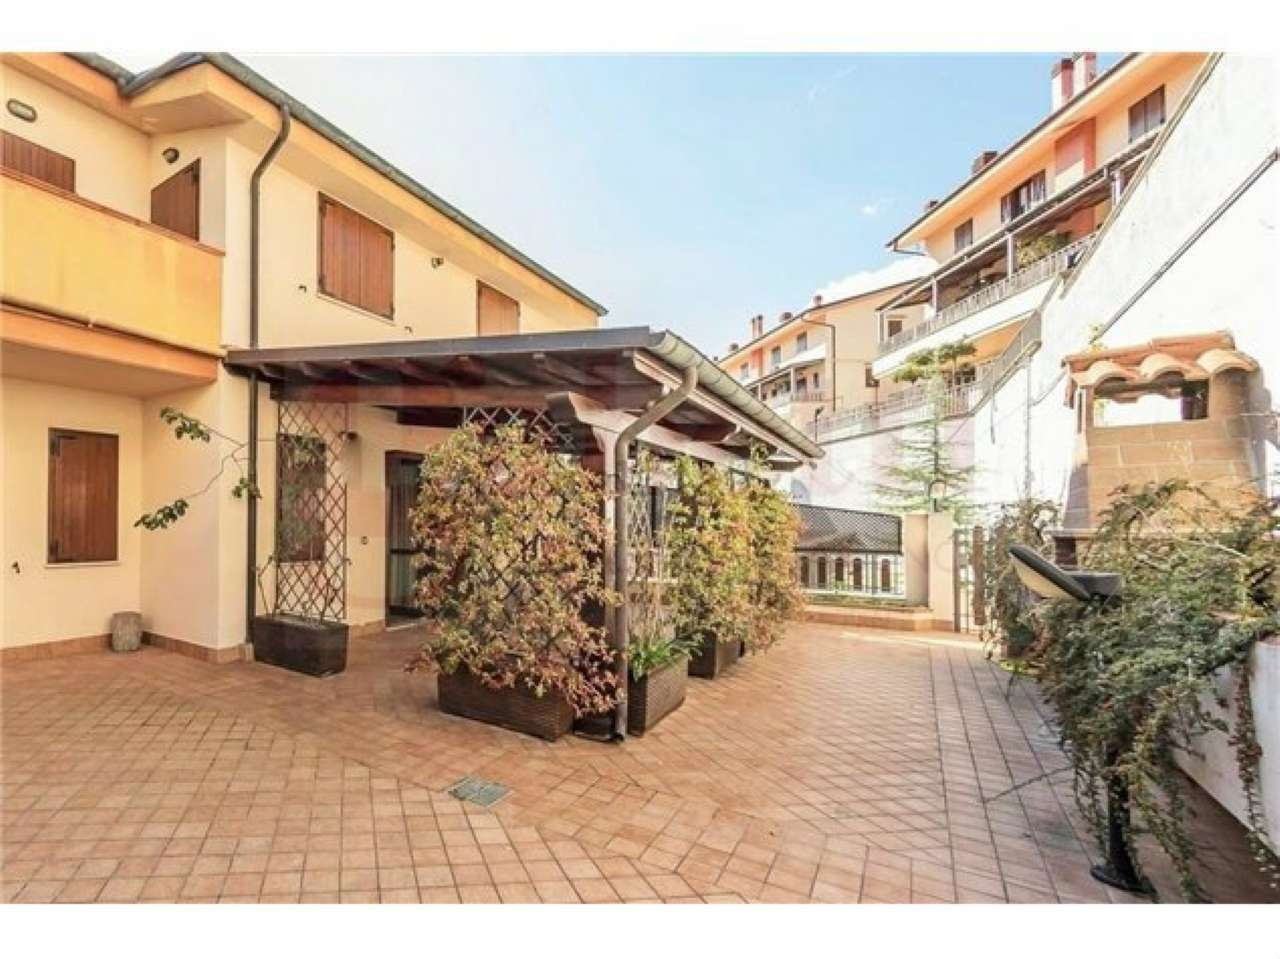 Appartamento in vendita a Ateleta, 4 locali, prezzo € 155.000 | CambioCasa.it